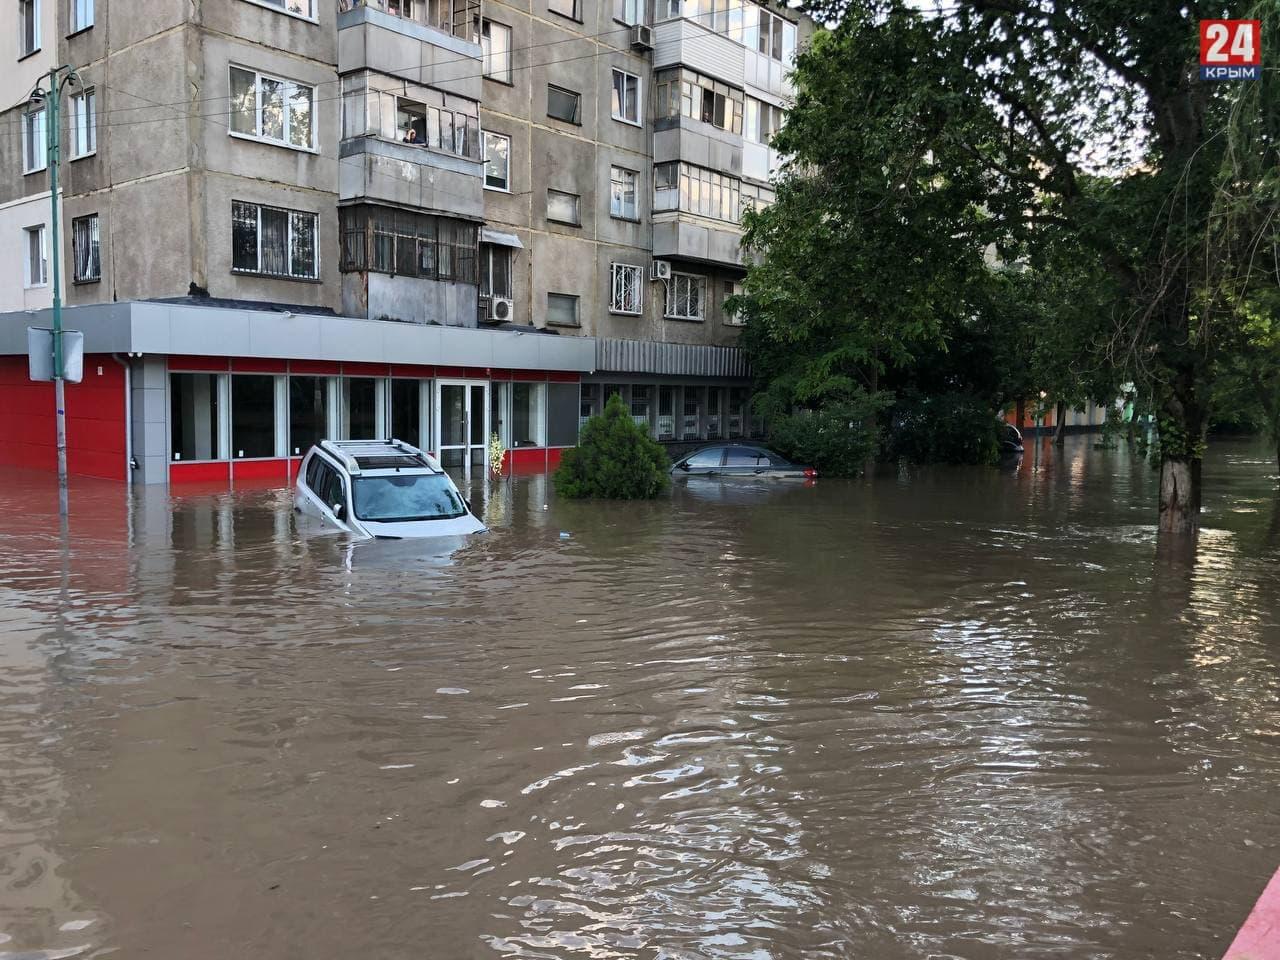 Выплаты пострадавшим жителям Керчи из-за наводнения могут начаться с 22-23 июня